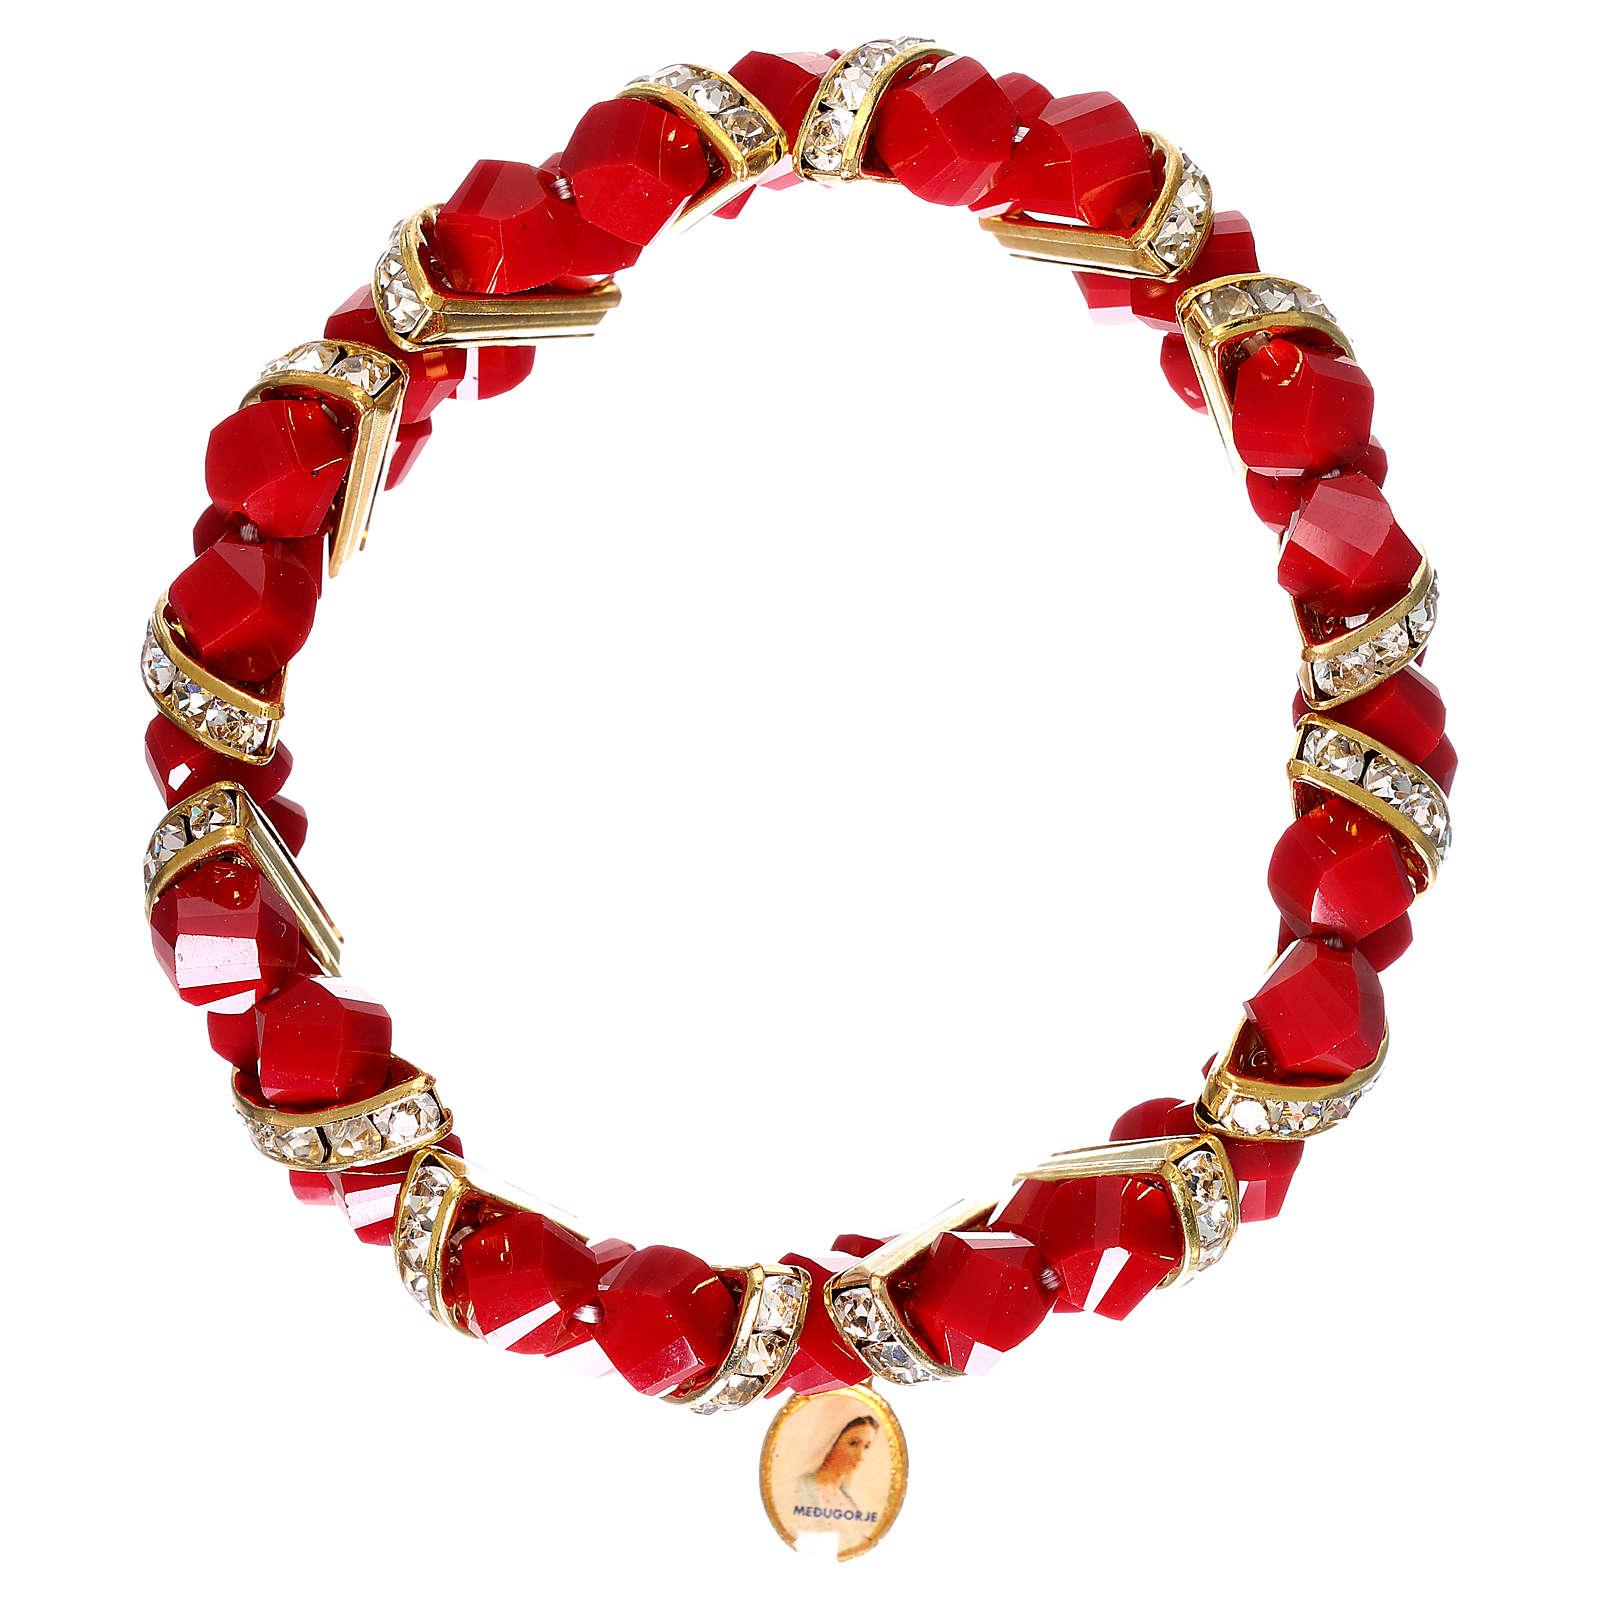 Bracciale rosso Medjugorje in vetro 4